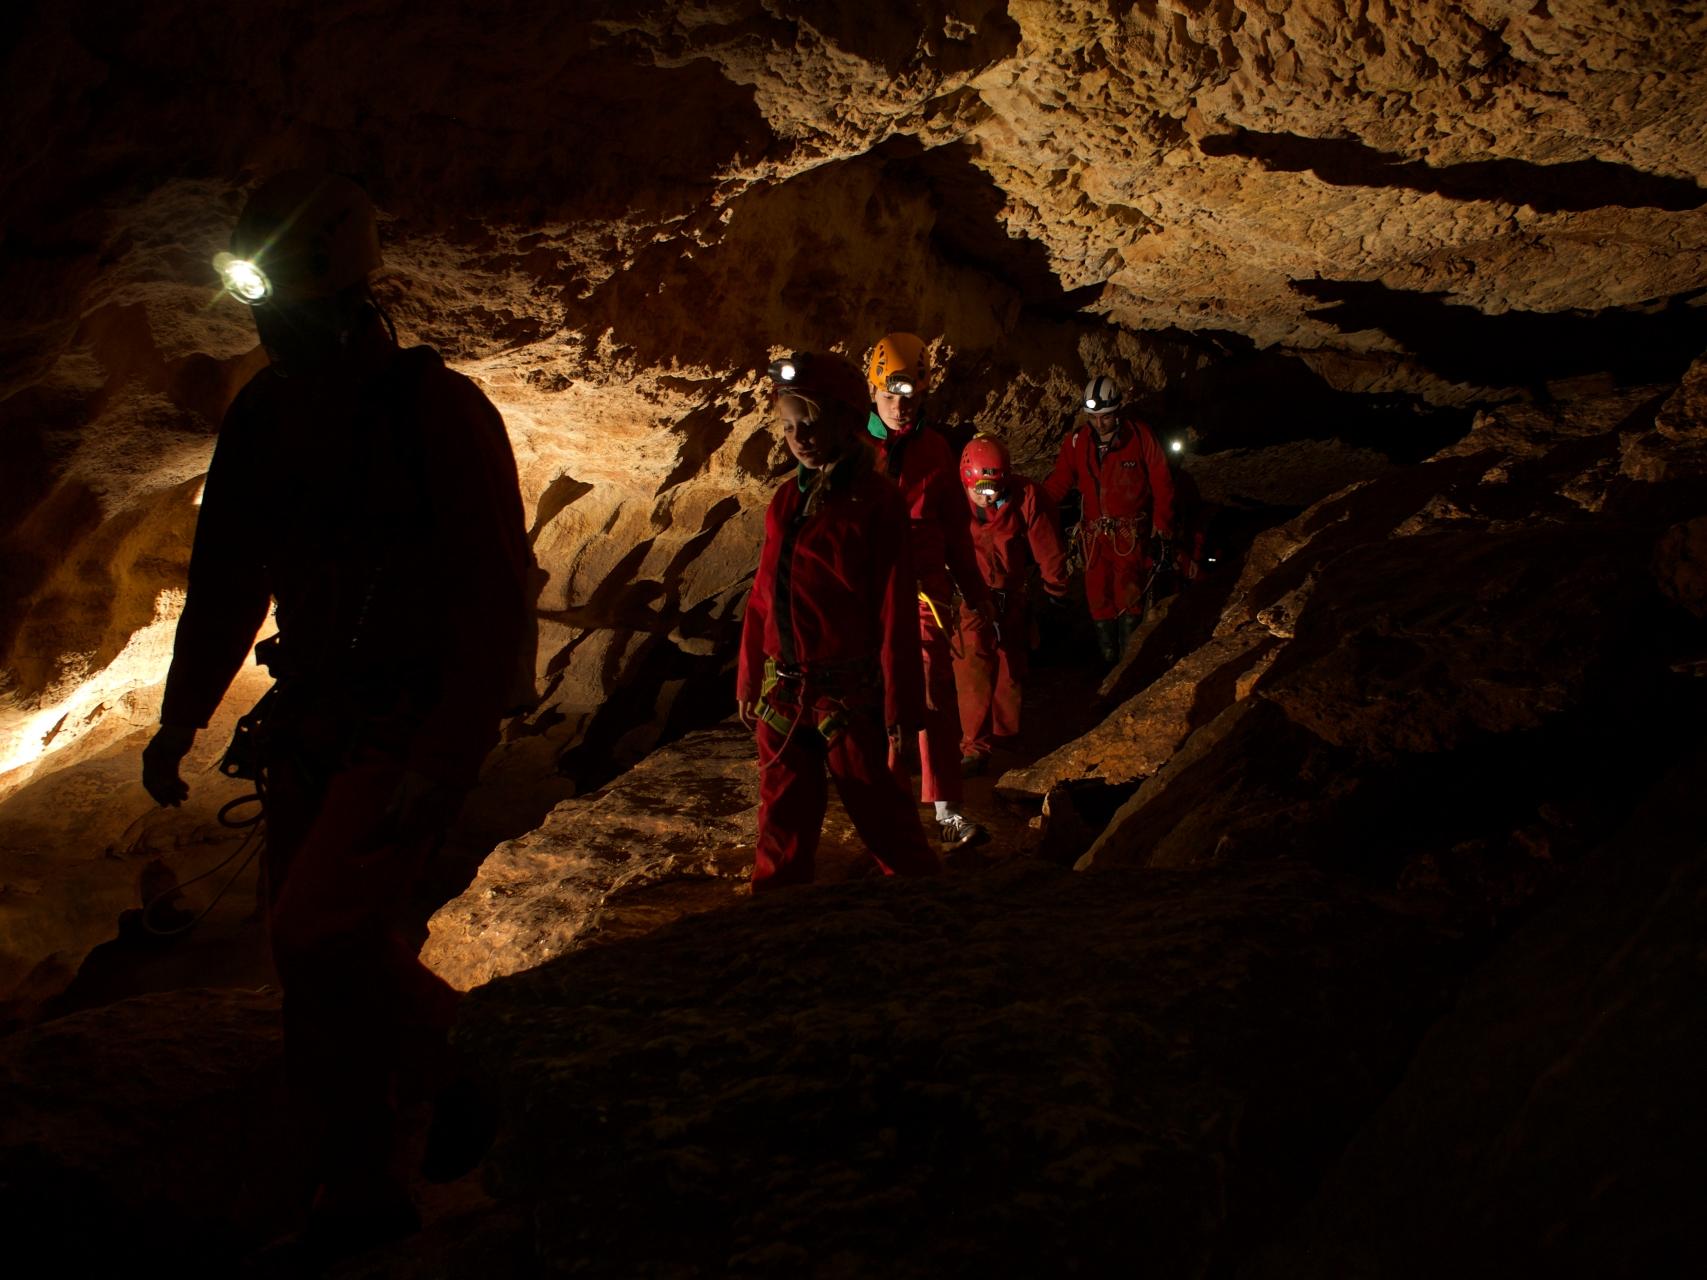 familie höhlenforschung abenteuer grotte saint marcel 84